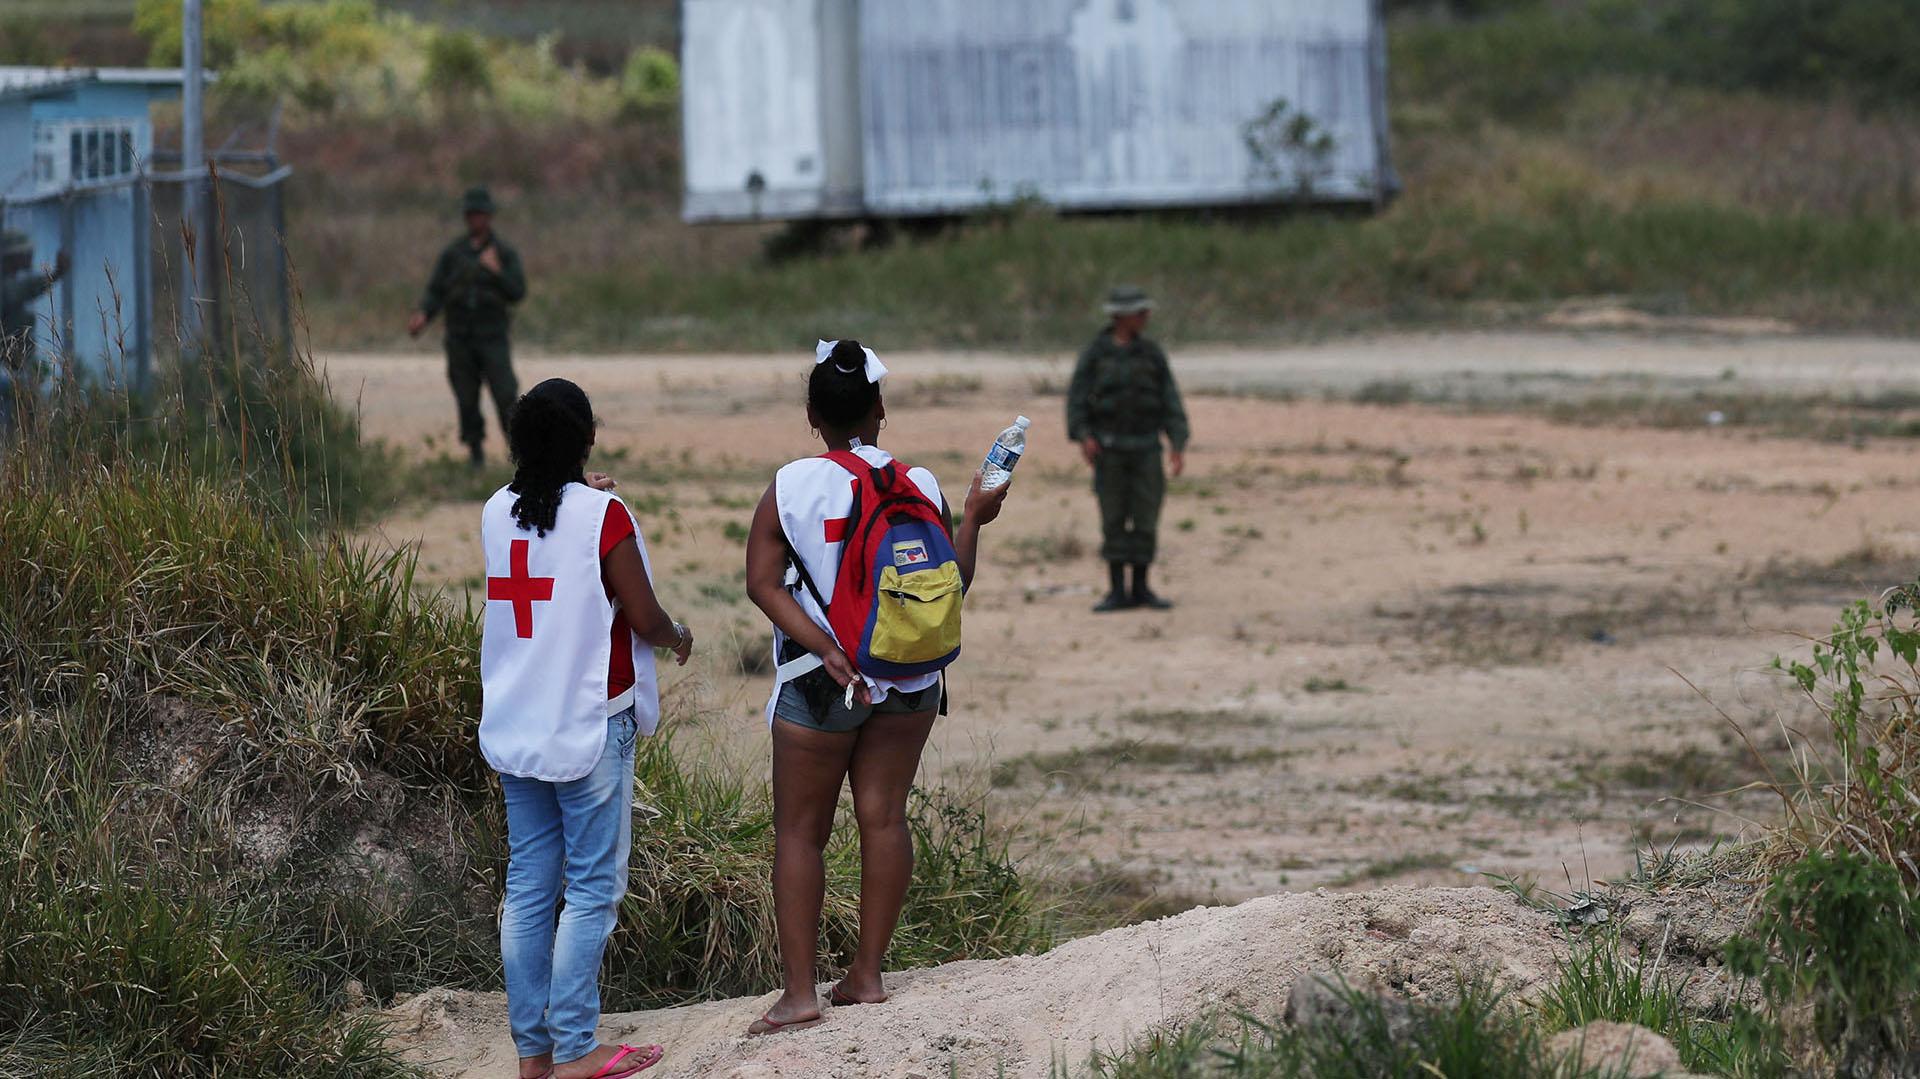 Los voluntarios ofrecen agua a los soldados venezolanos en la frontera entre Venezuela y Brasil en Pacaraima, Brasil (Reuters)